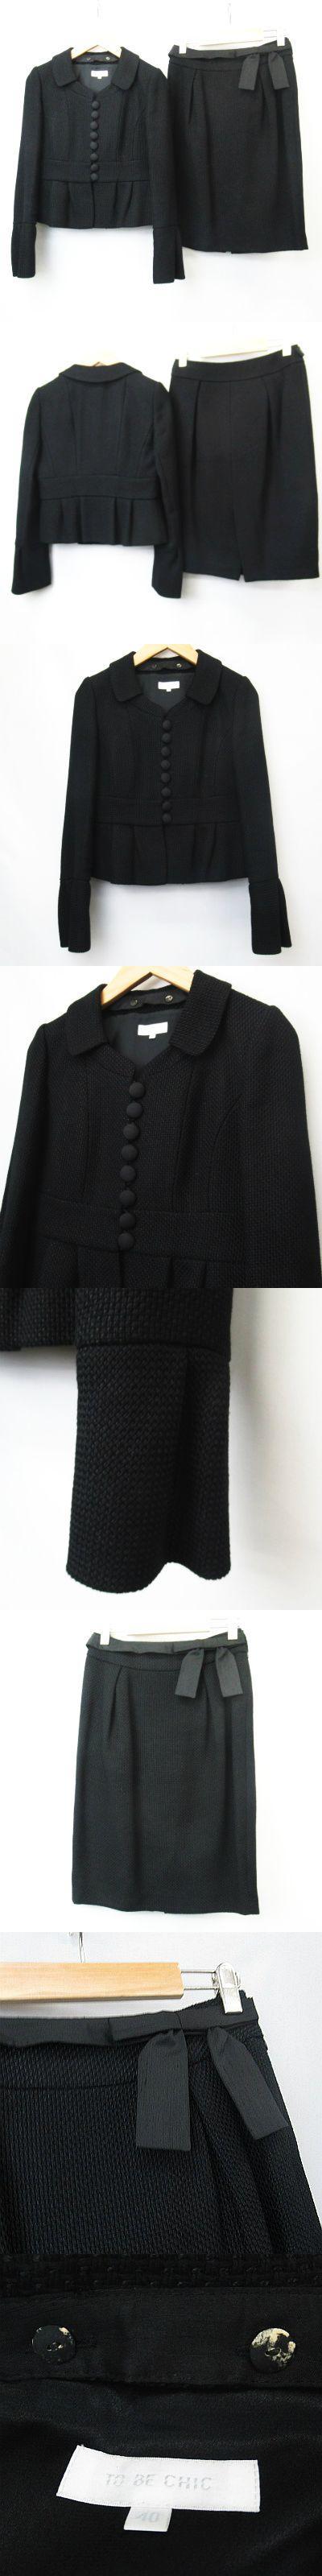 ショート丈 フレア ジャケット リボン装飾 タック入り スリットスカート セットアップ 黒 ブラック40